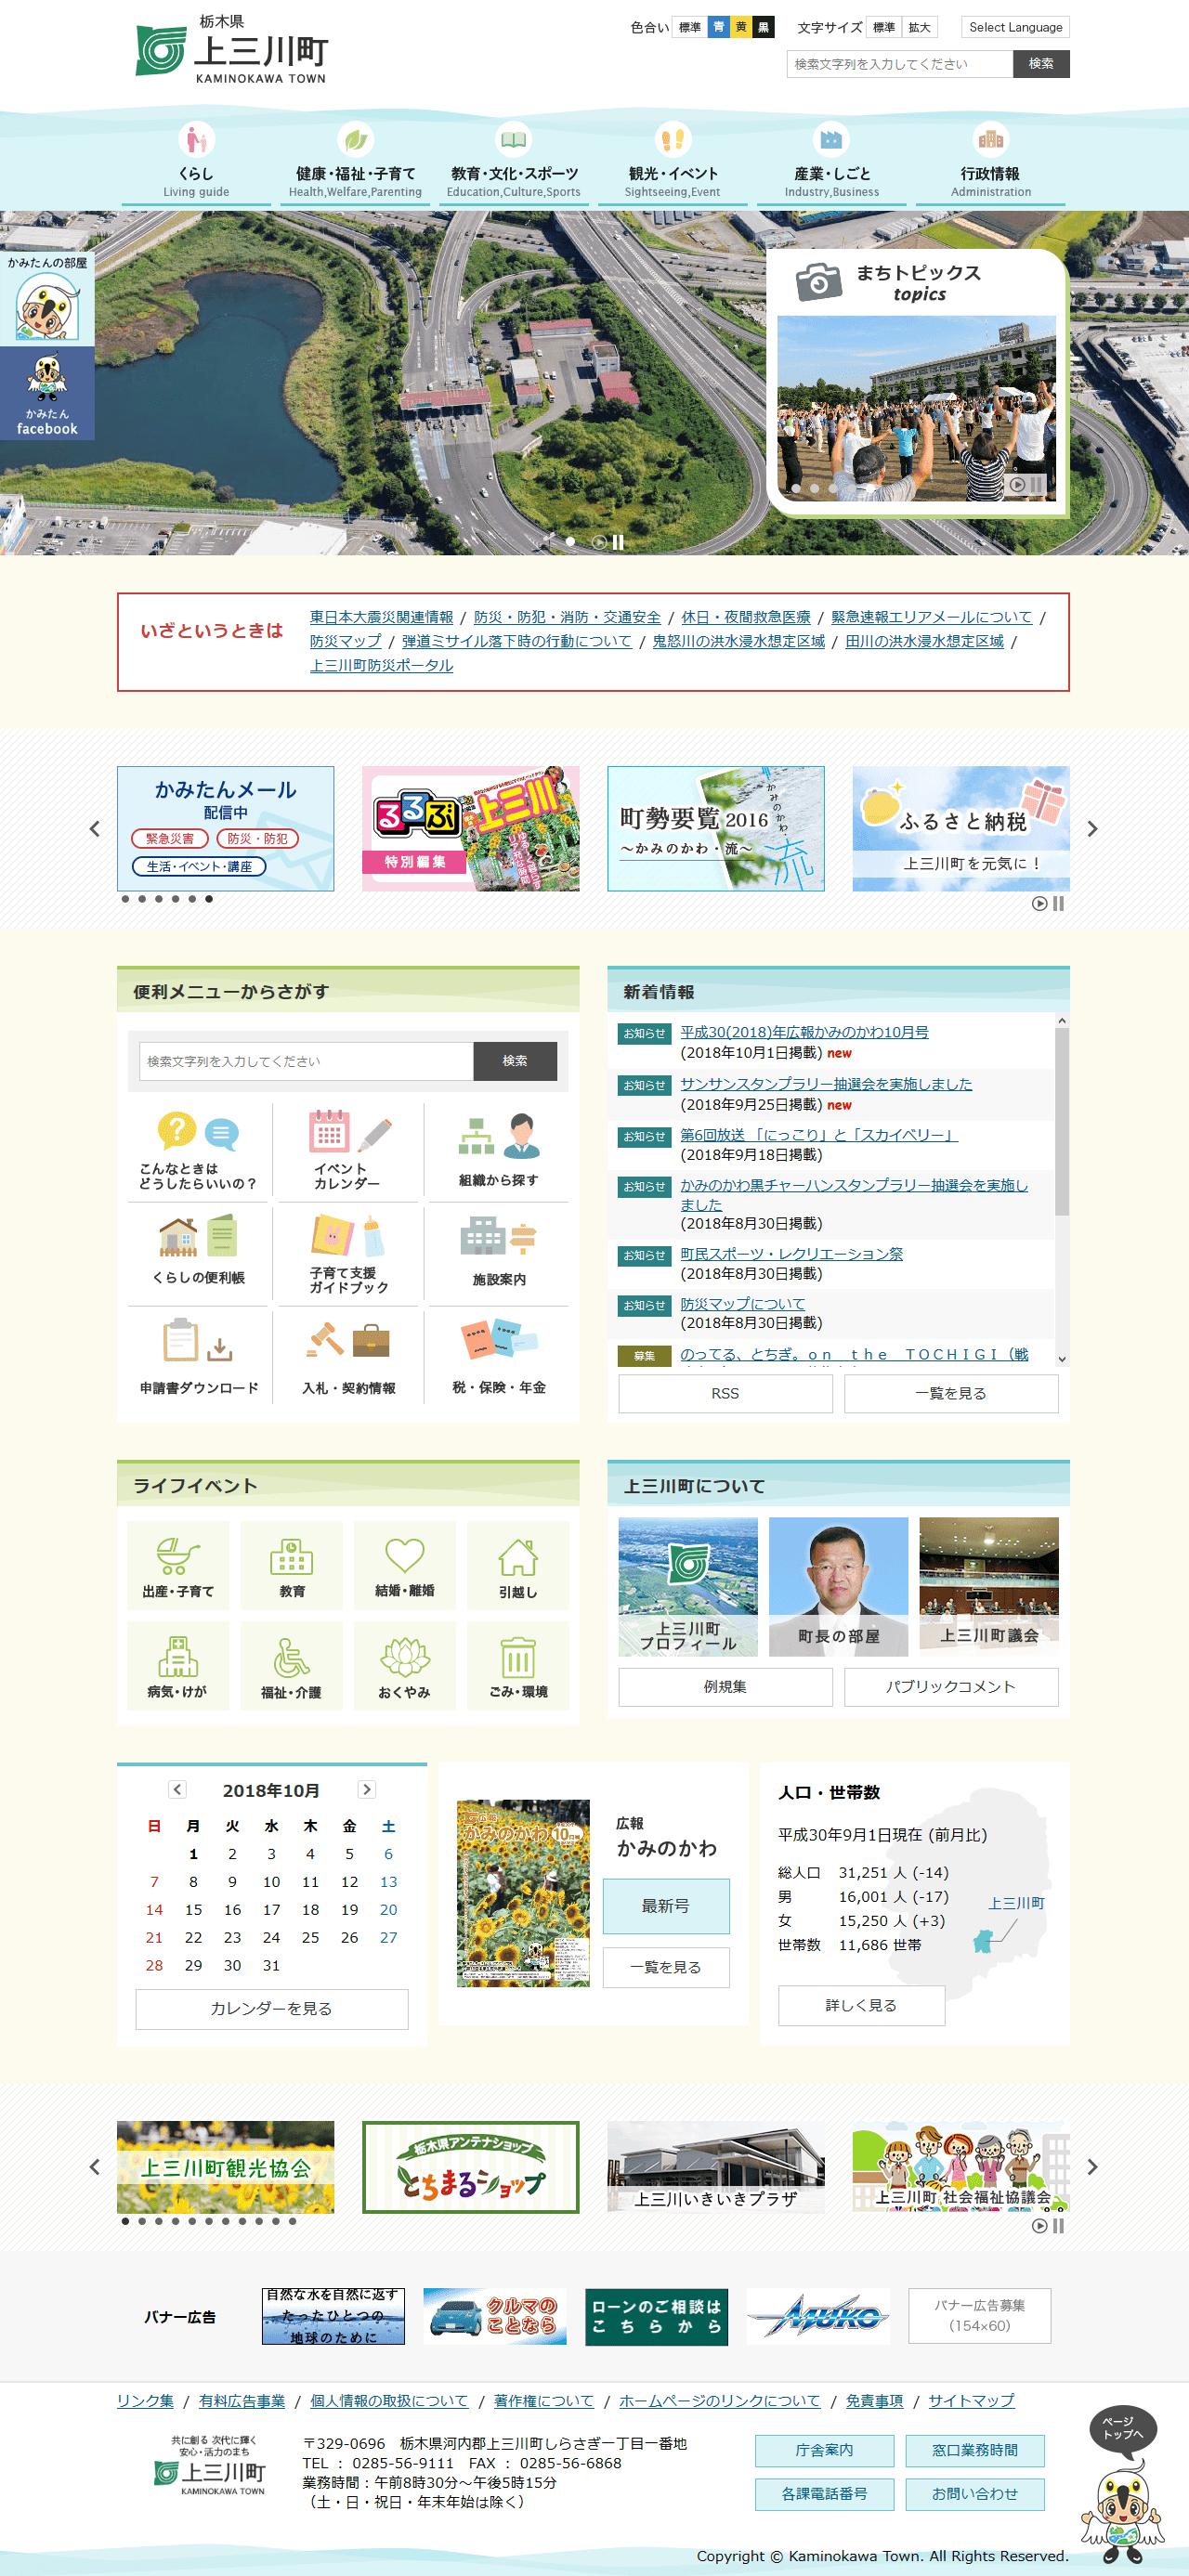 栃木県上三川町公式サイト